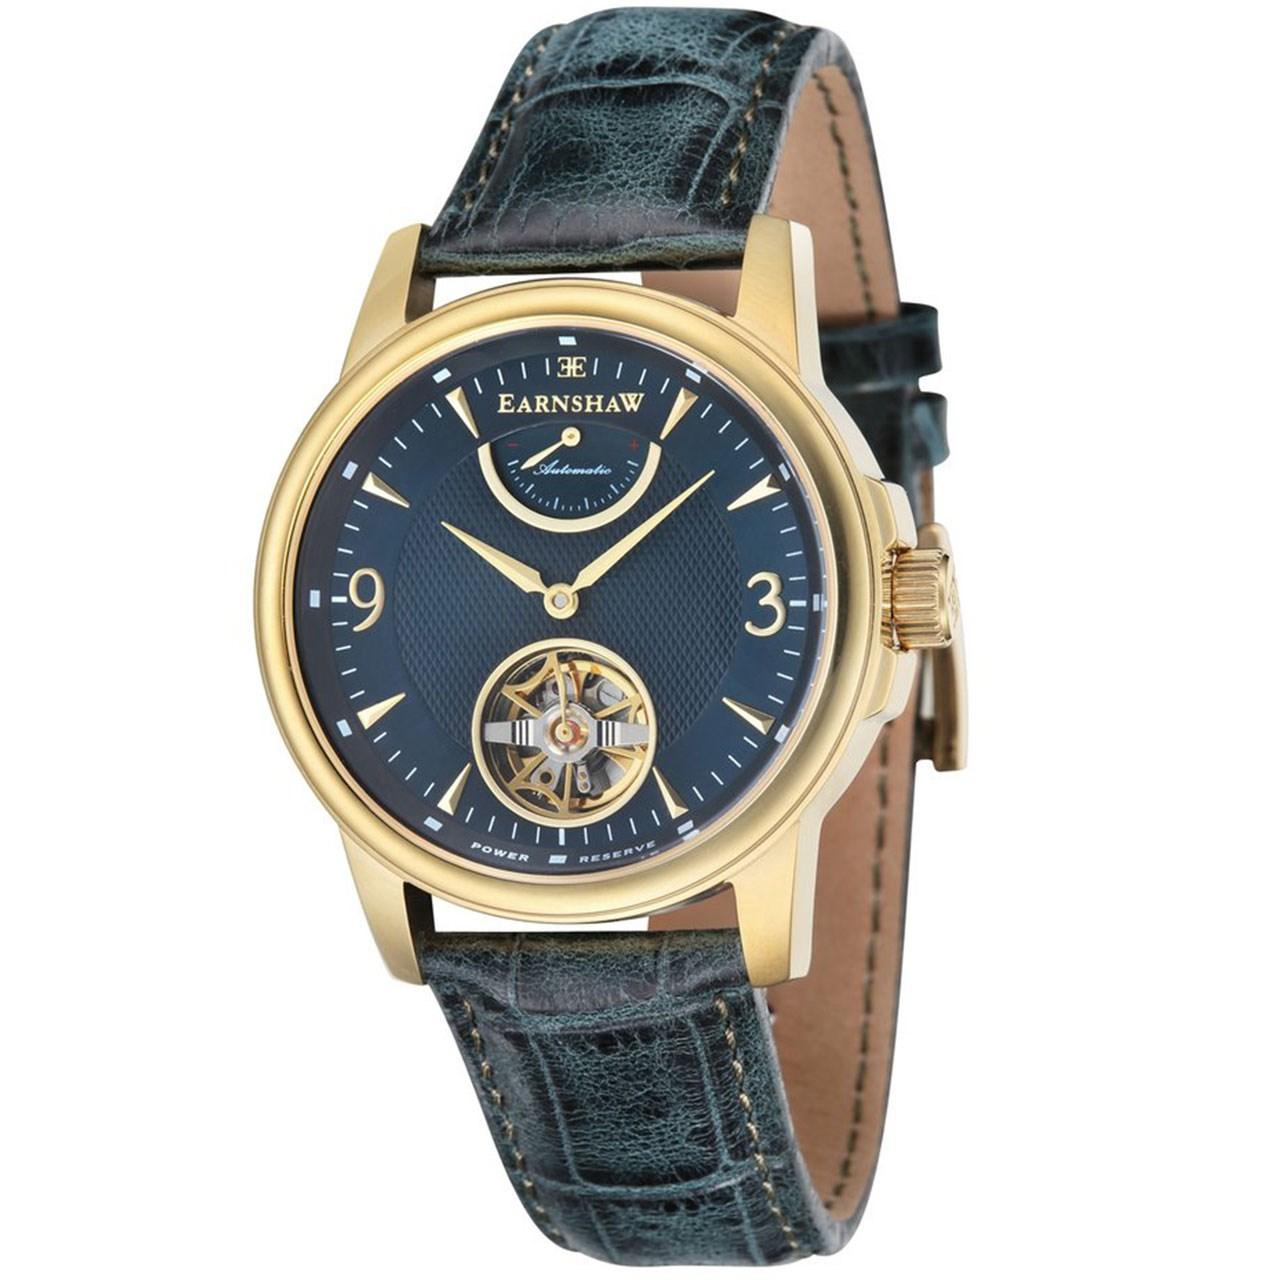 ساعت مچی عقربه ای مردانه ارنشا مدل ES-8014-07